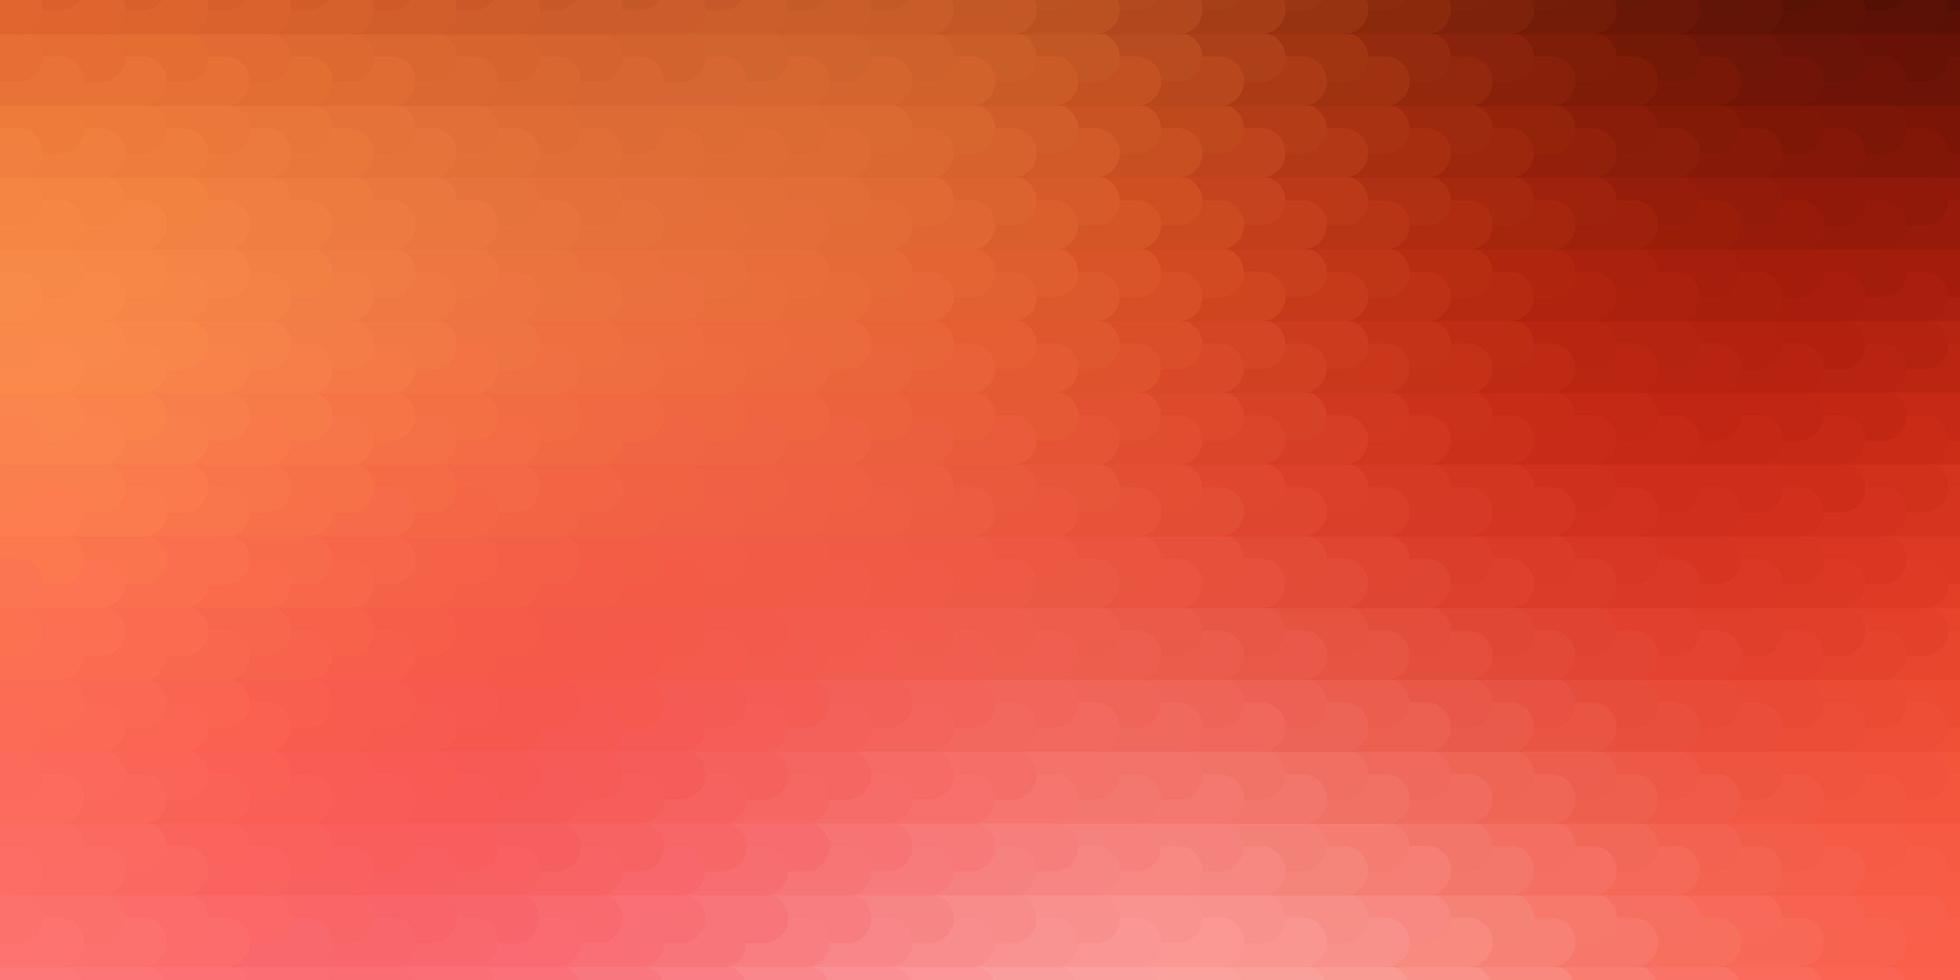 ljusröd, gul vektorbakgrund med linjer. vektor